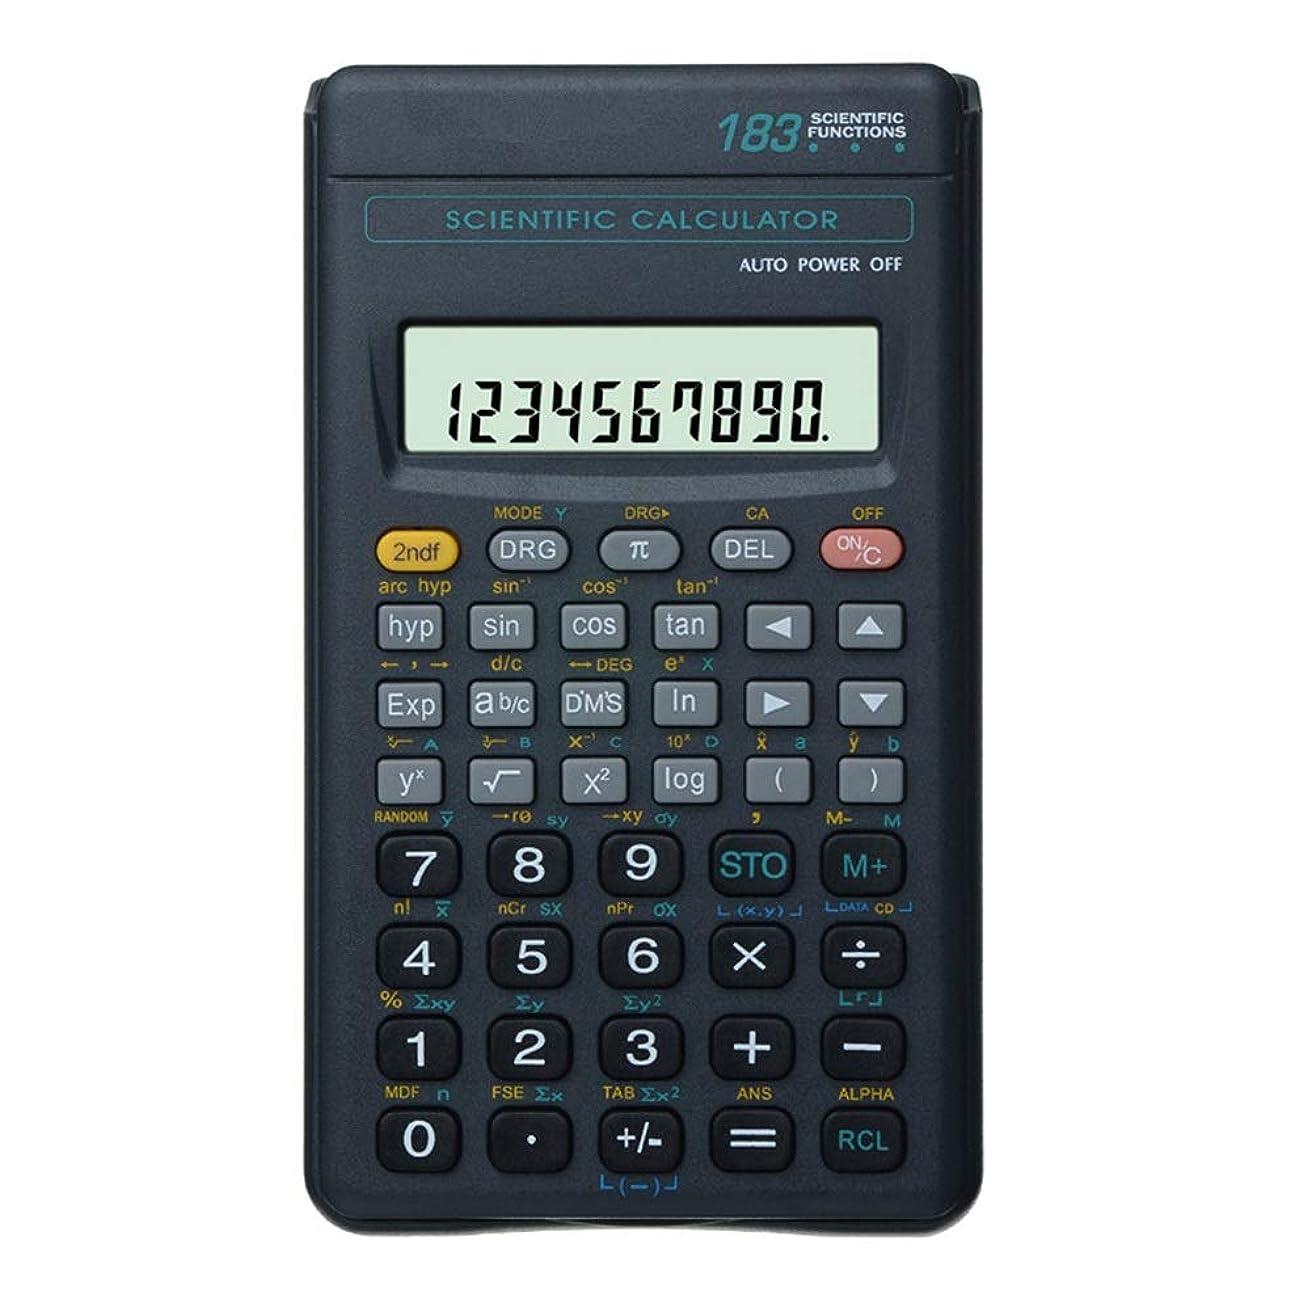 気がついてモロニックおかしいビジネス電卓 学生科学関数計算機多機能エネルギー計算機183関数関数 ミニジャストタイプ電卓